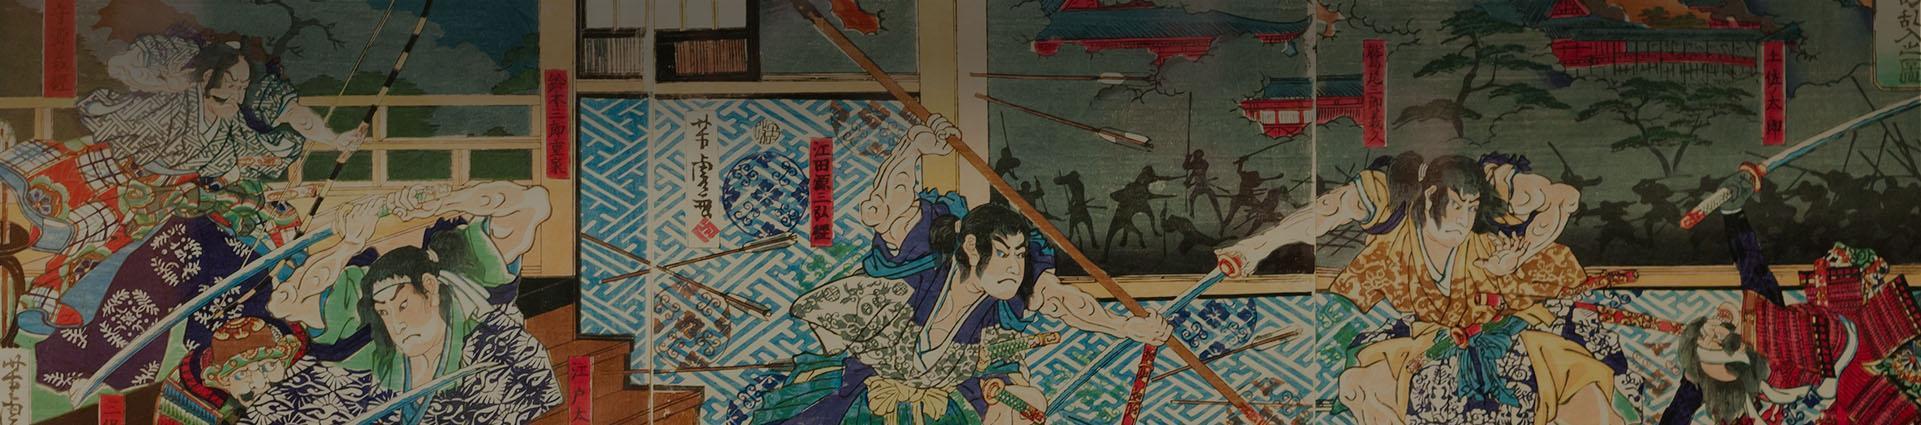 obraz samurajów